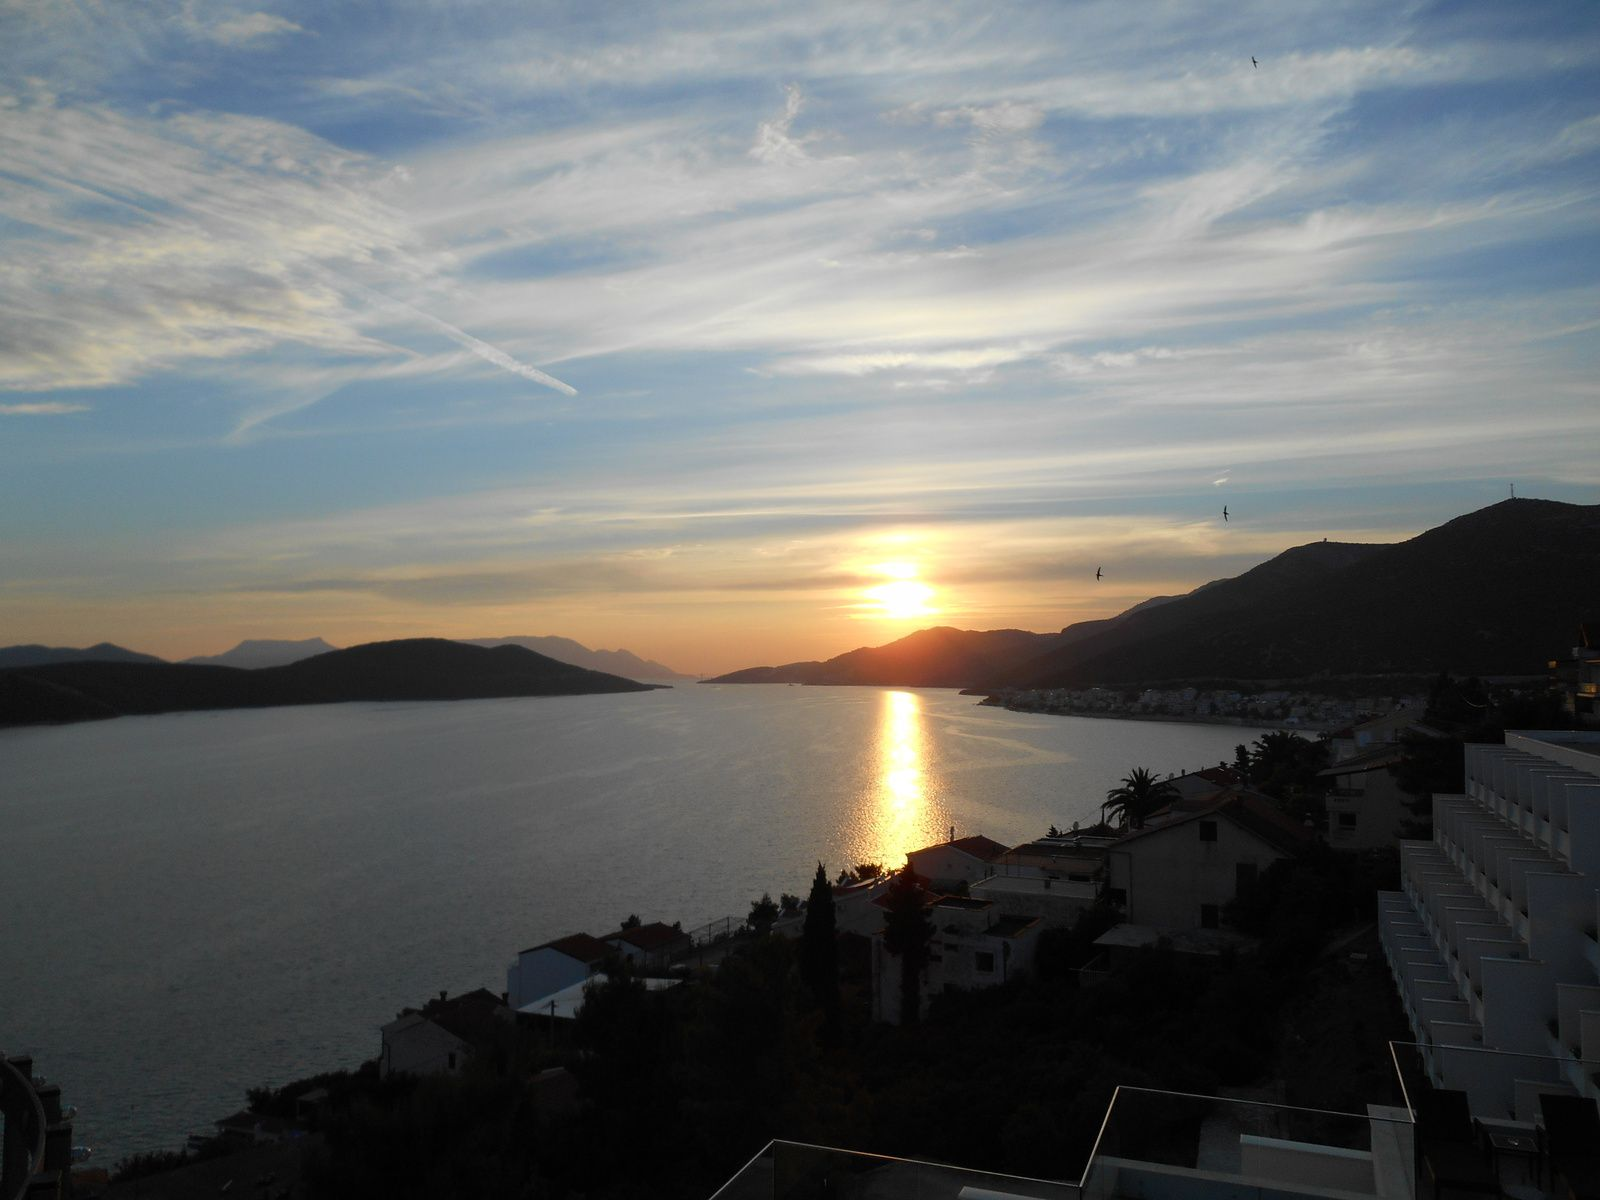 Et pour terminer, un superbe coucher de soleil sur la mer Adriatique!